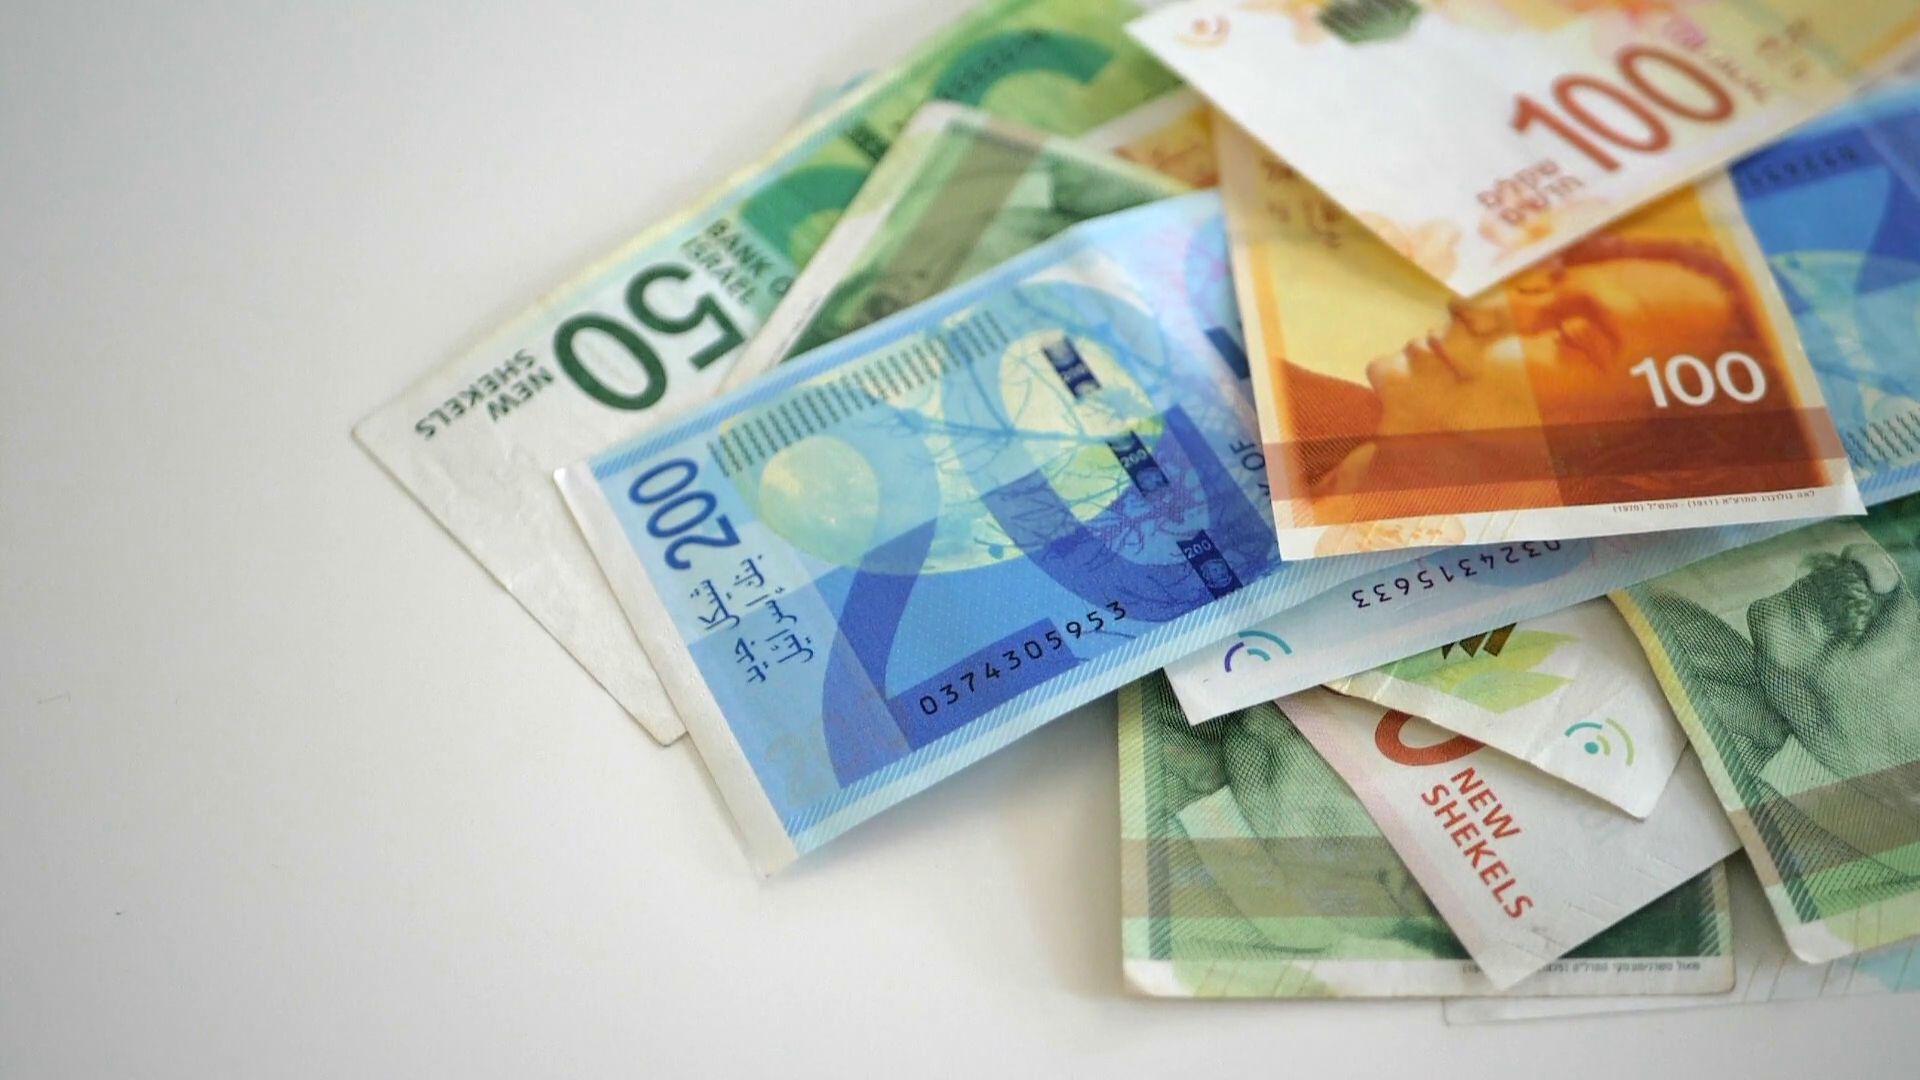 Израильские шекели - национальная валюта